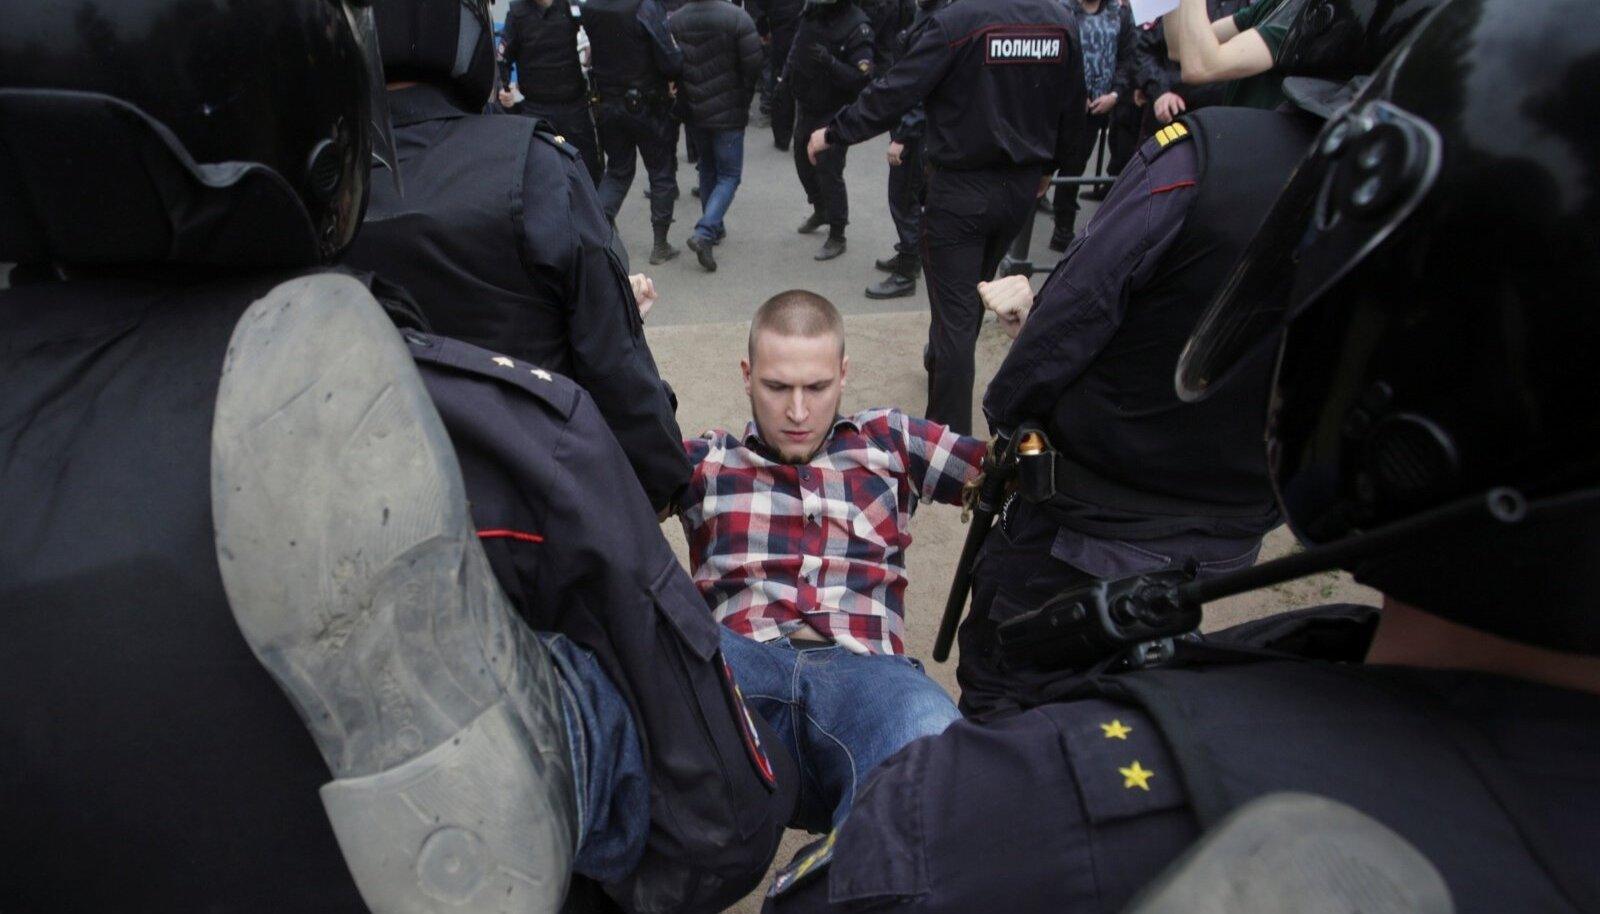 Valitsusevastane meeleavaldus 2017. aasta suvel Peterburis.